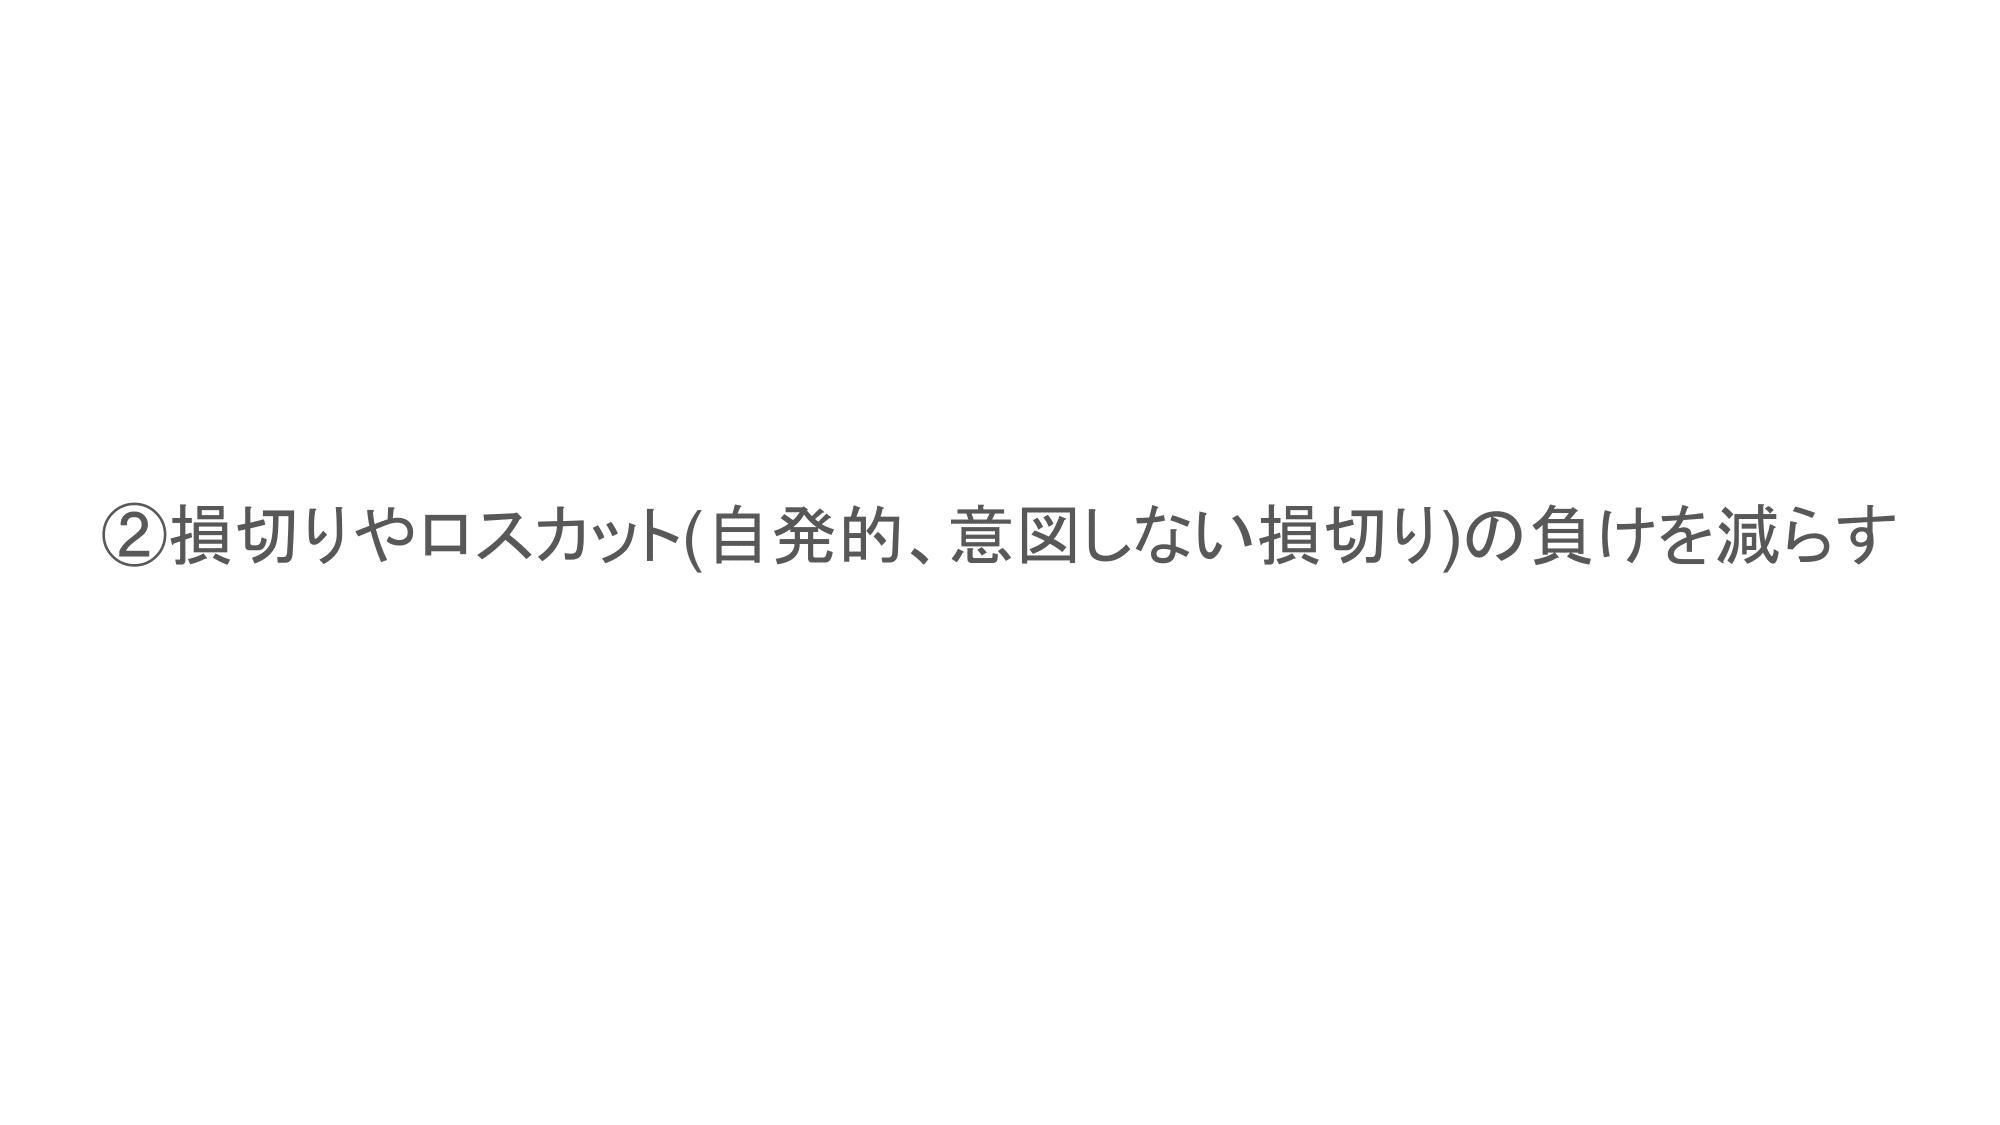 雋縺代↑縺ЁX-06.png